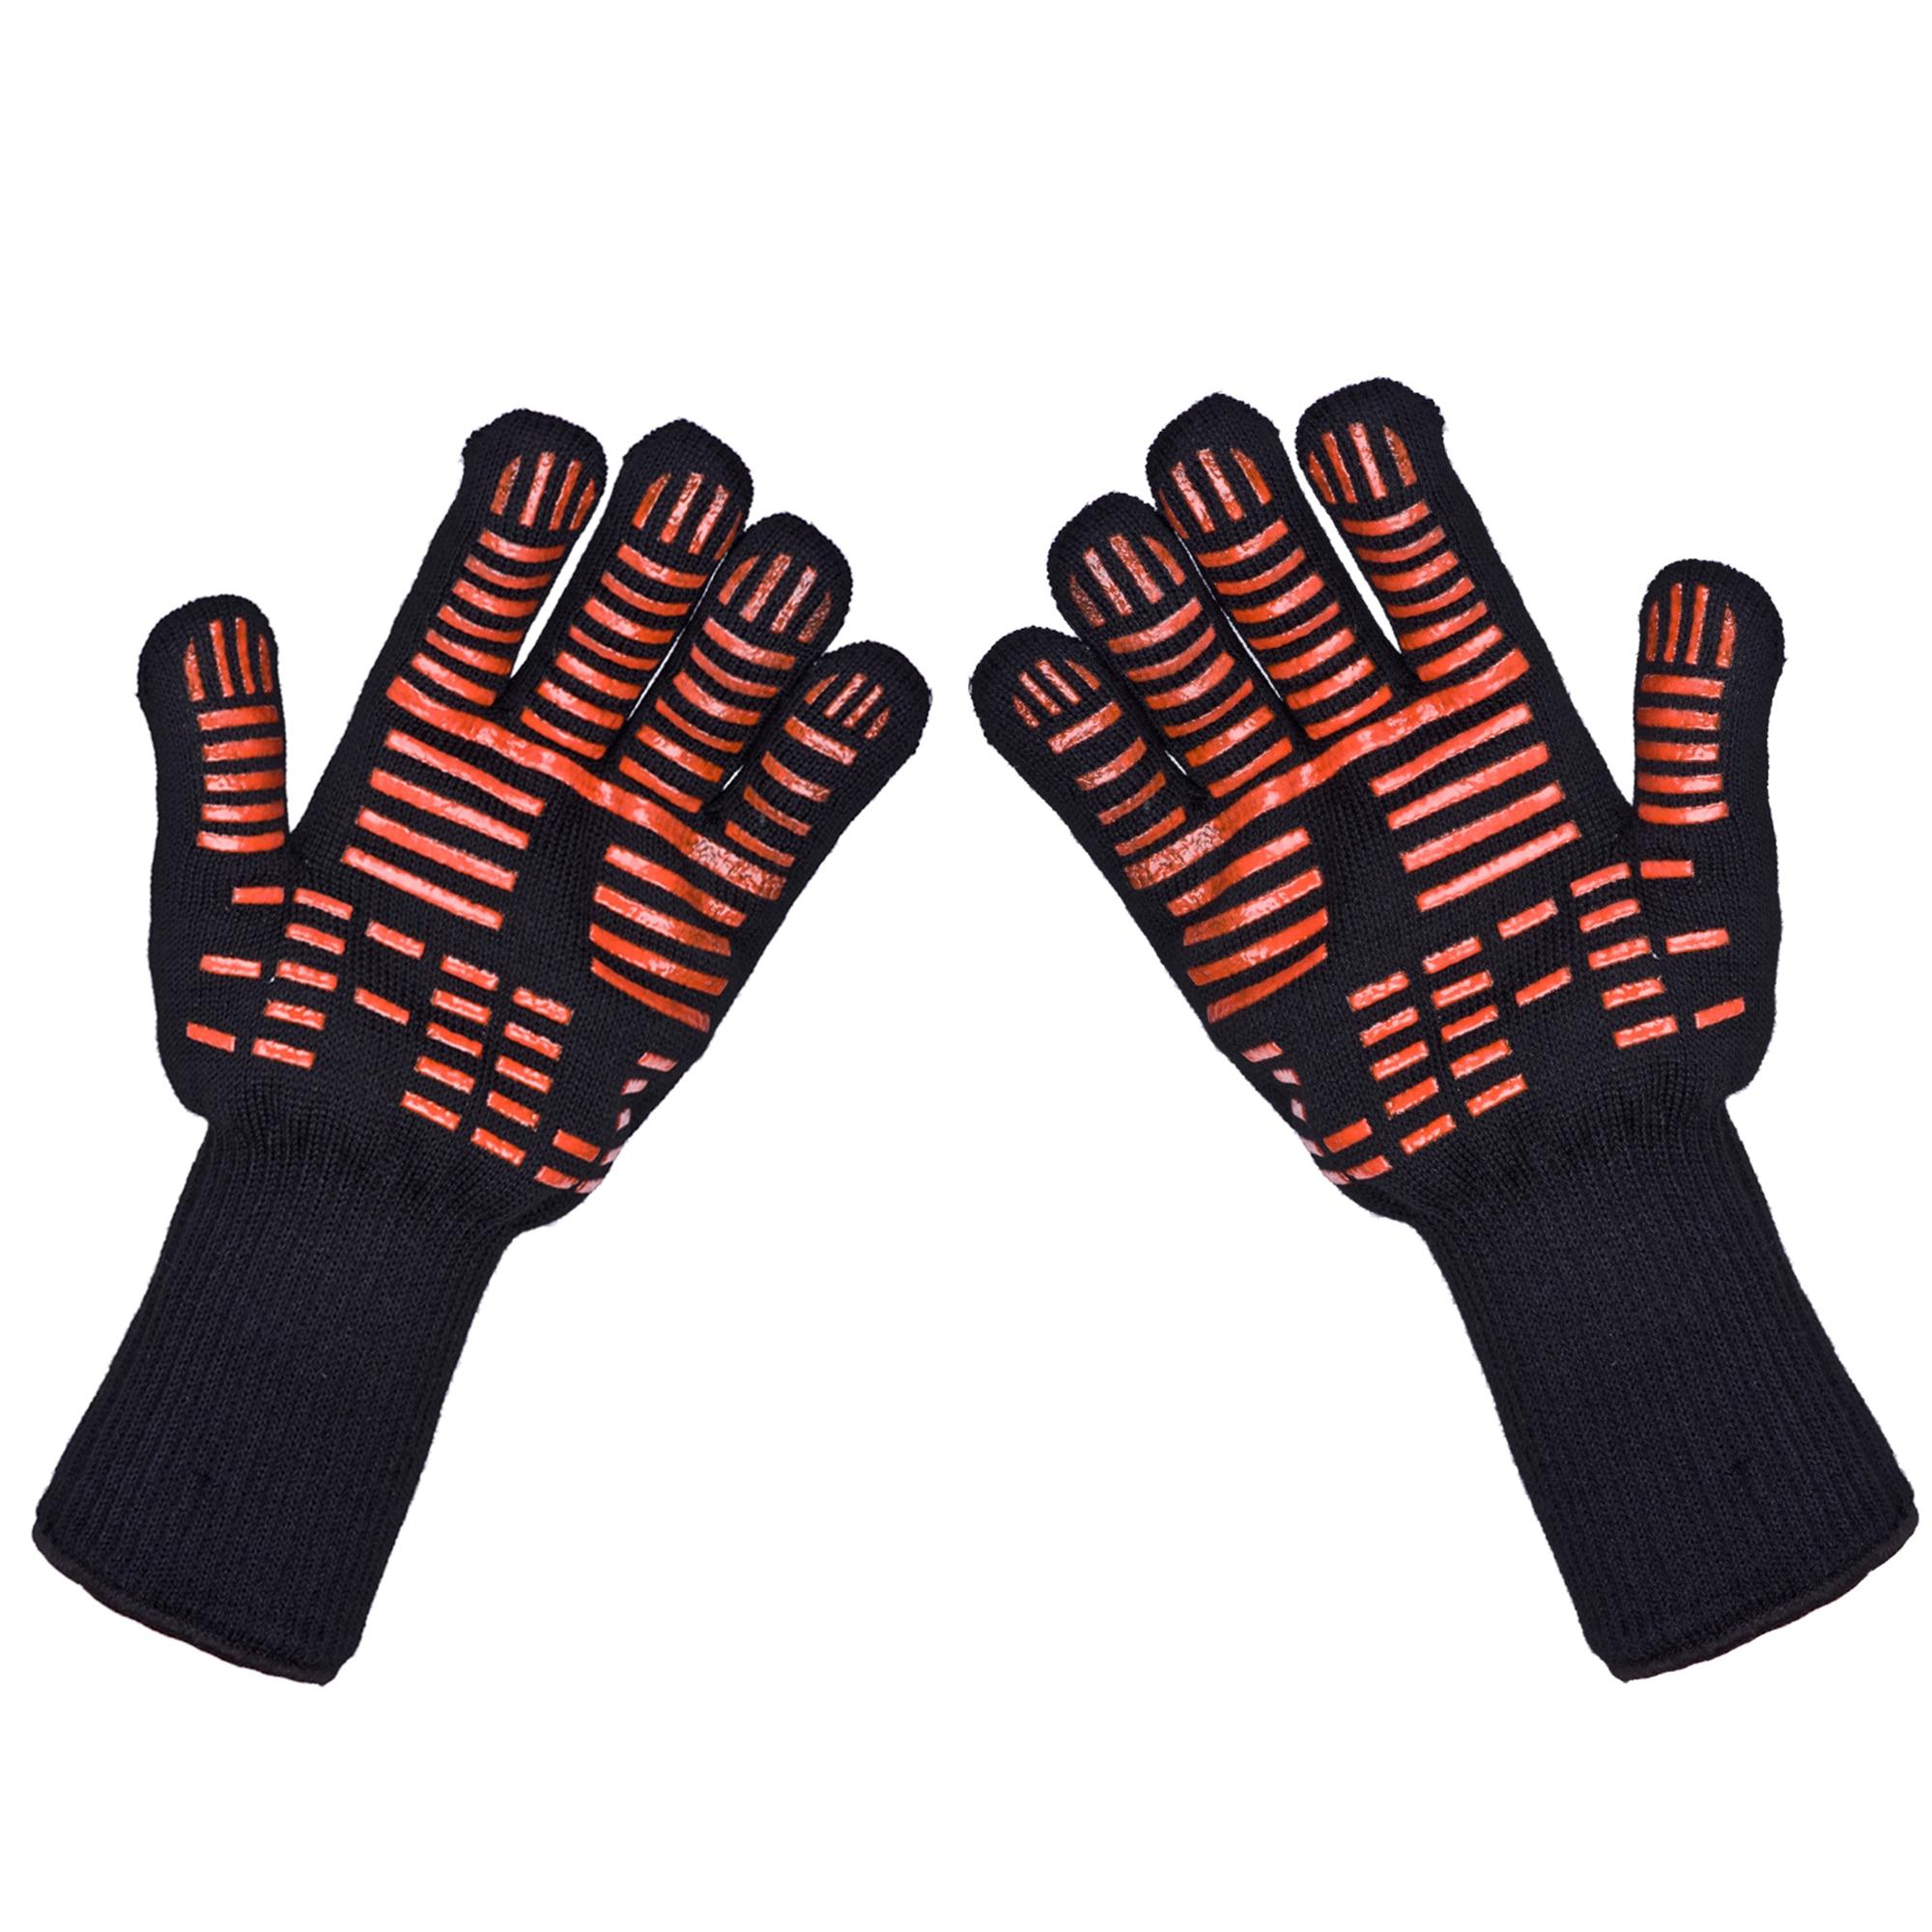 TTLIFE Heißen Ofen Mitts Handschuhe BBQ Grillen Kochen Handschuhe-932F Extreme Wärme Beständig Handschuhe Lange Für Extra Unterarm Schutz